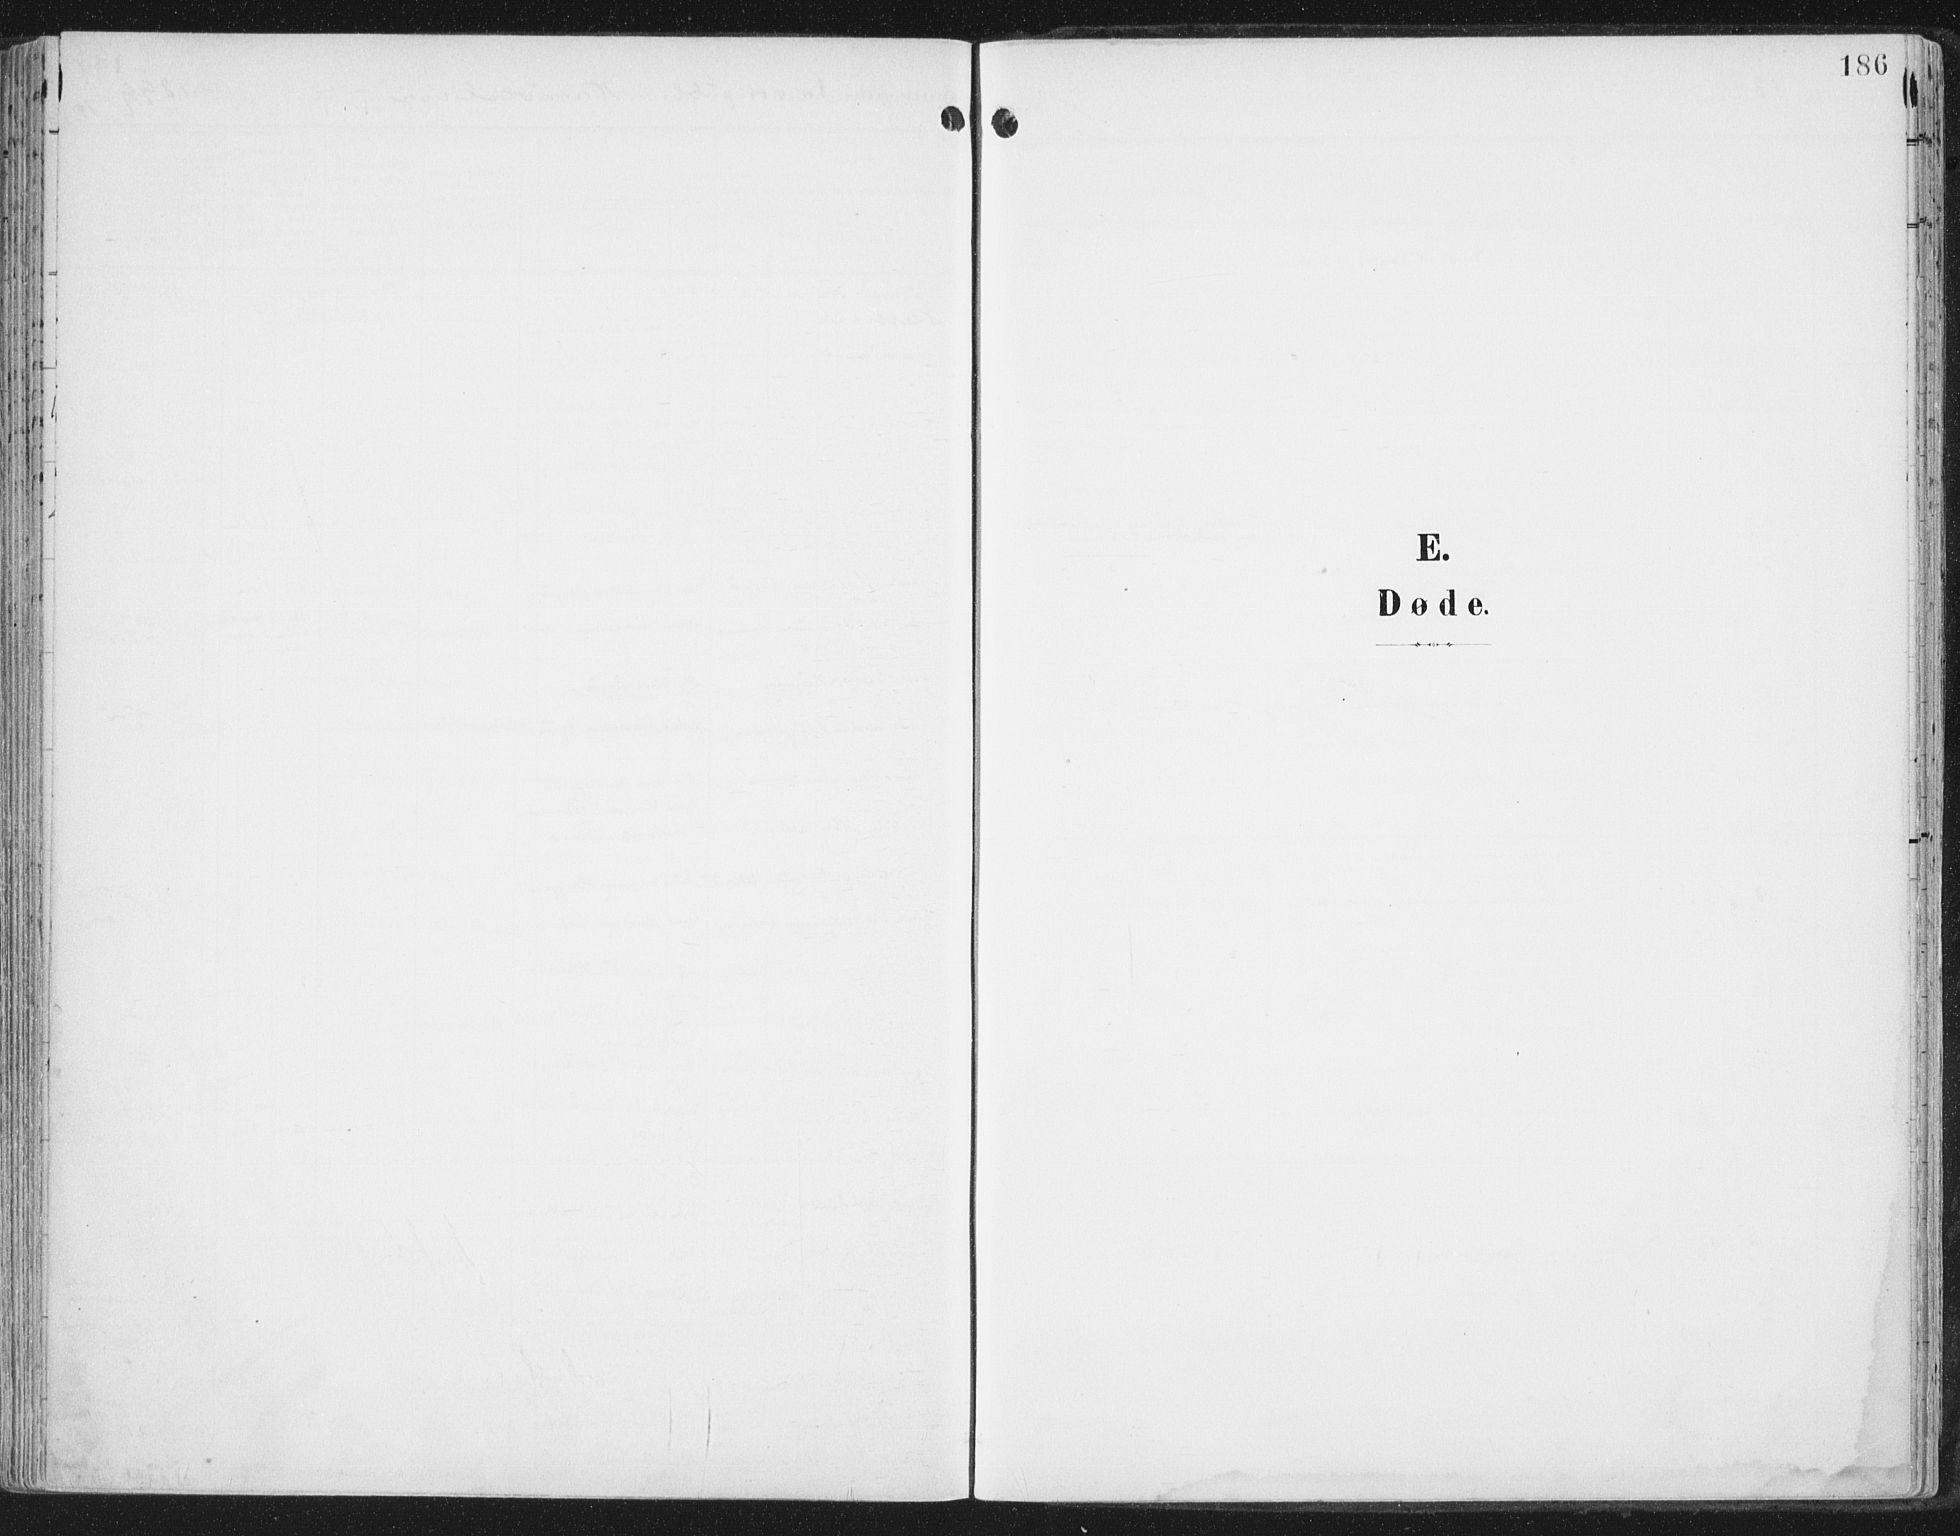 SAT, Ministerialprotokoller, klokkerbøker og fødselsregistre - Nord-Trøndelag, 786/L0688: Ministerialbok nr. 786A04, 1899-1912, s. 186